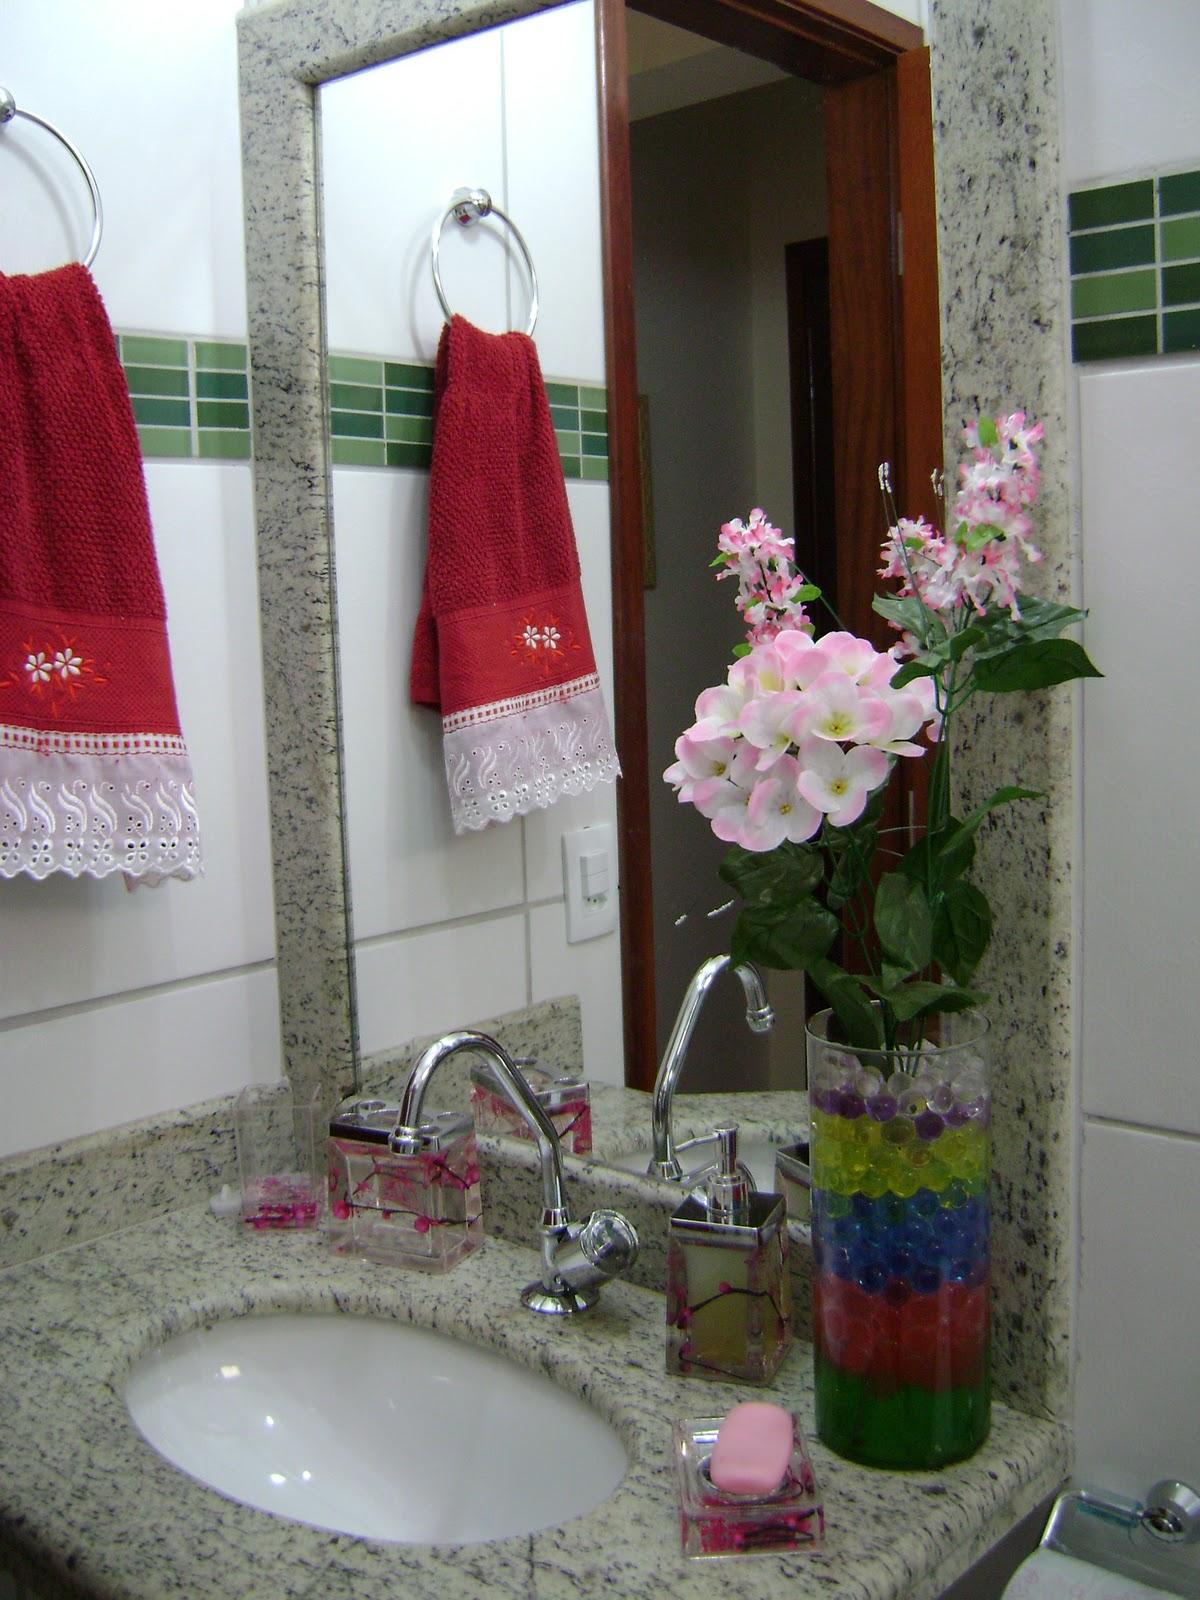 Como esse é o banheiro que as pessoas visitam quis caprichar mais  #791F2A 1200x1600 Armario Banheiro Vermelho